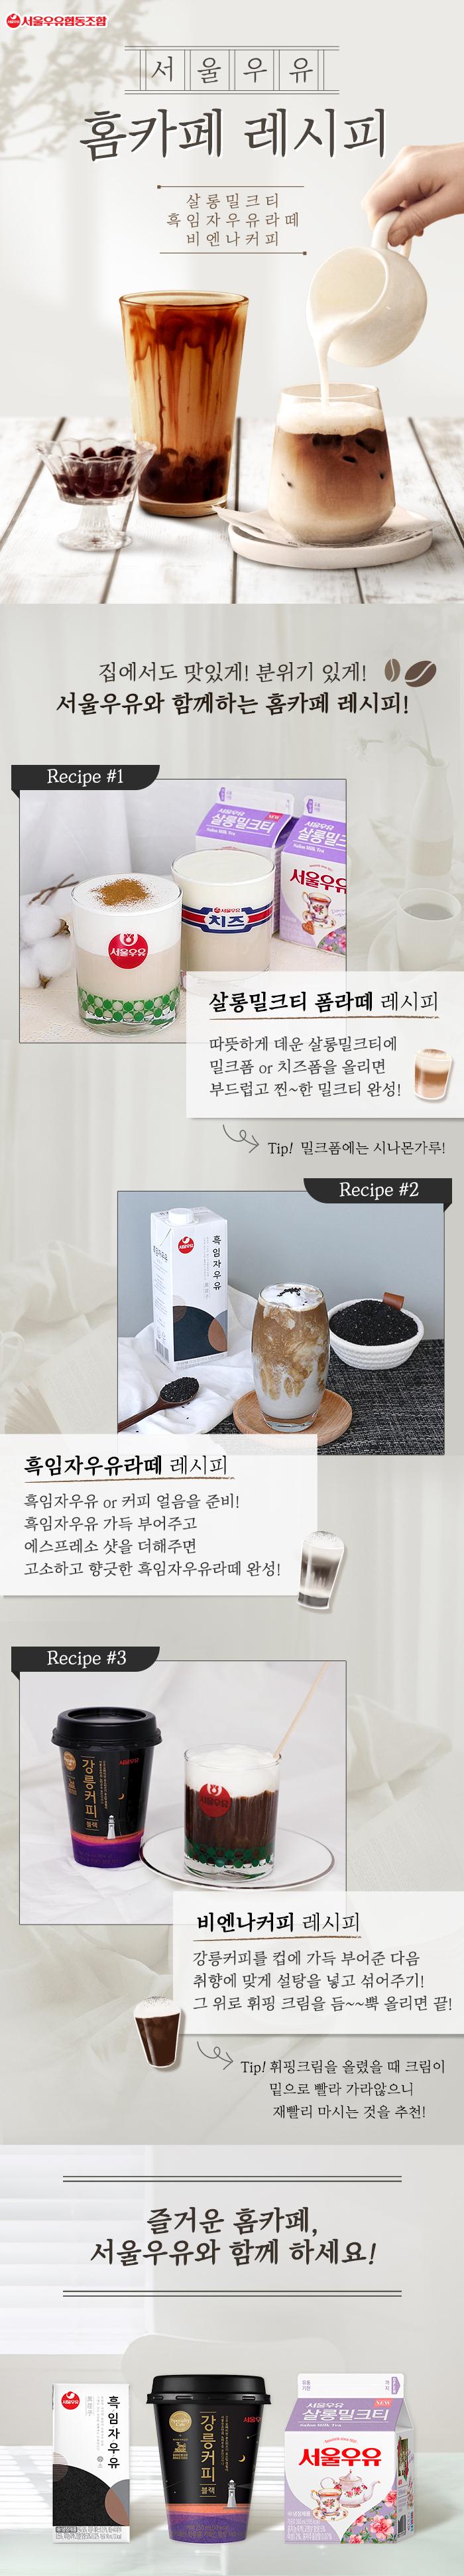 210223_[인포그래픽]_서울우유-2월